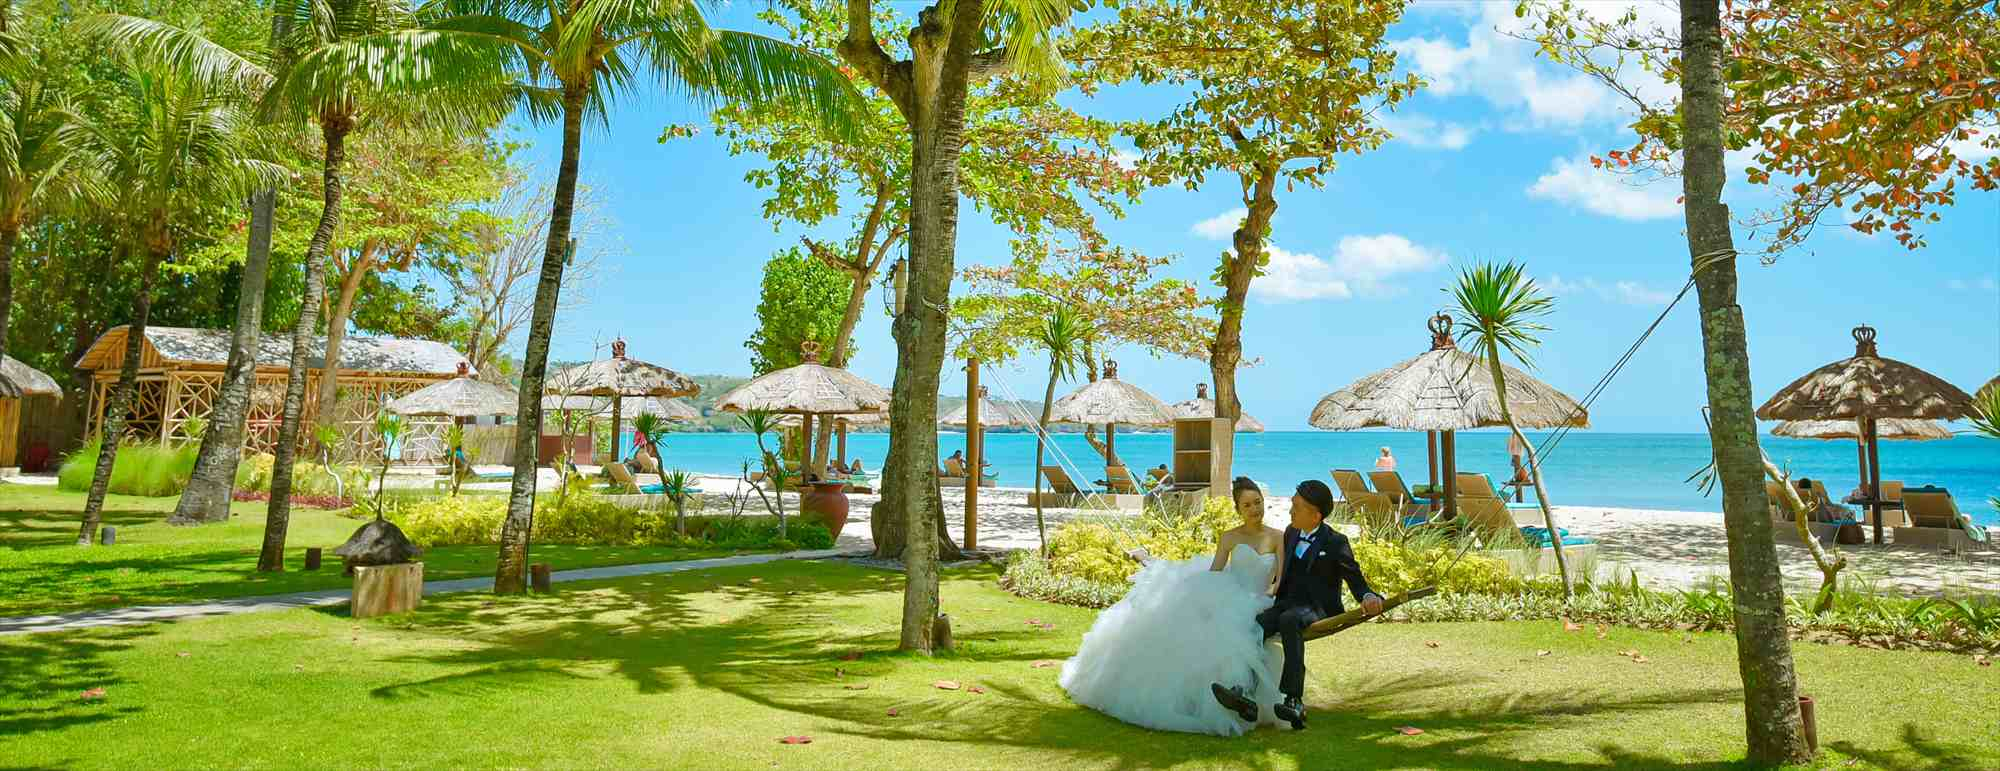 バリ島フォトウェディング Belmond Jimbaran Puri Bali ベルモンド・ジンバラン・プリ・バリ